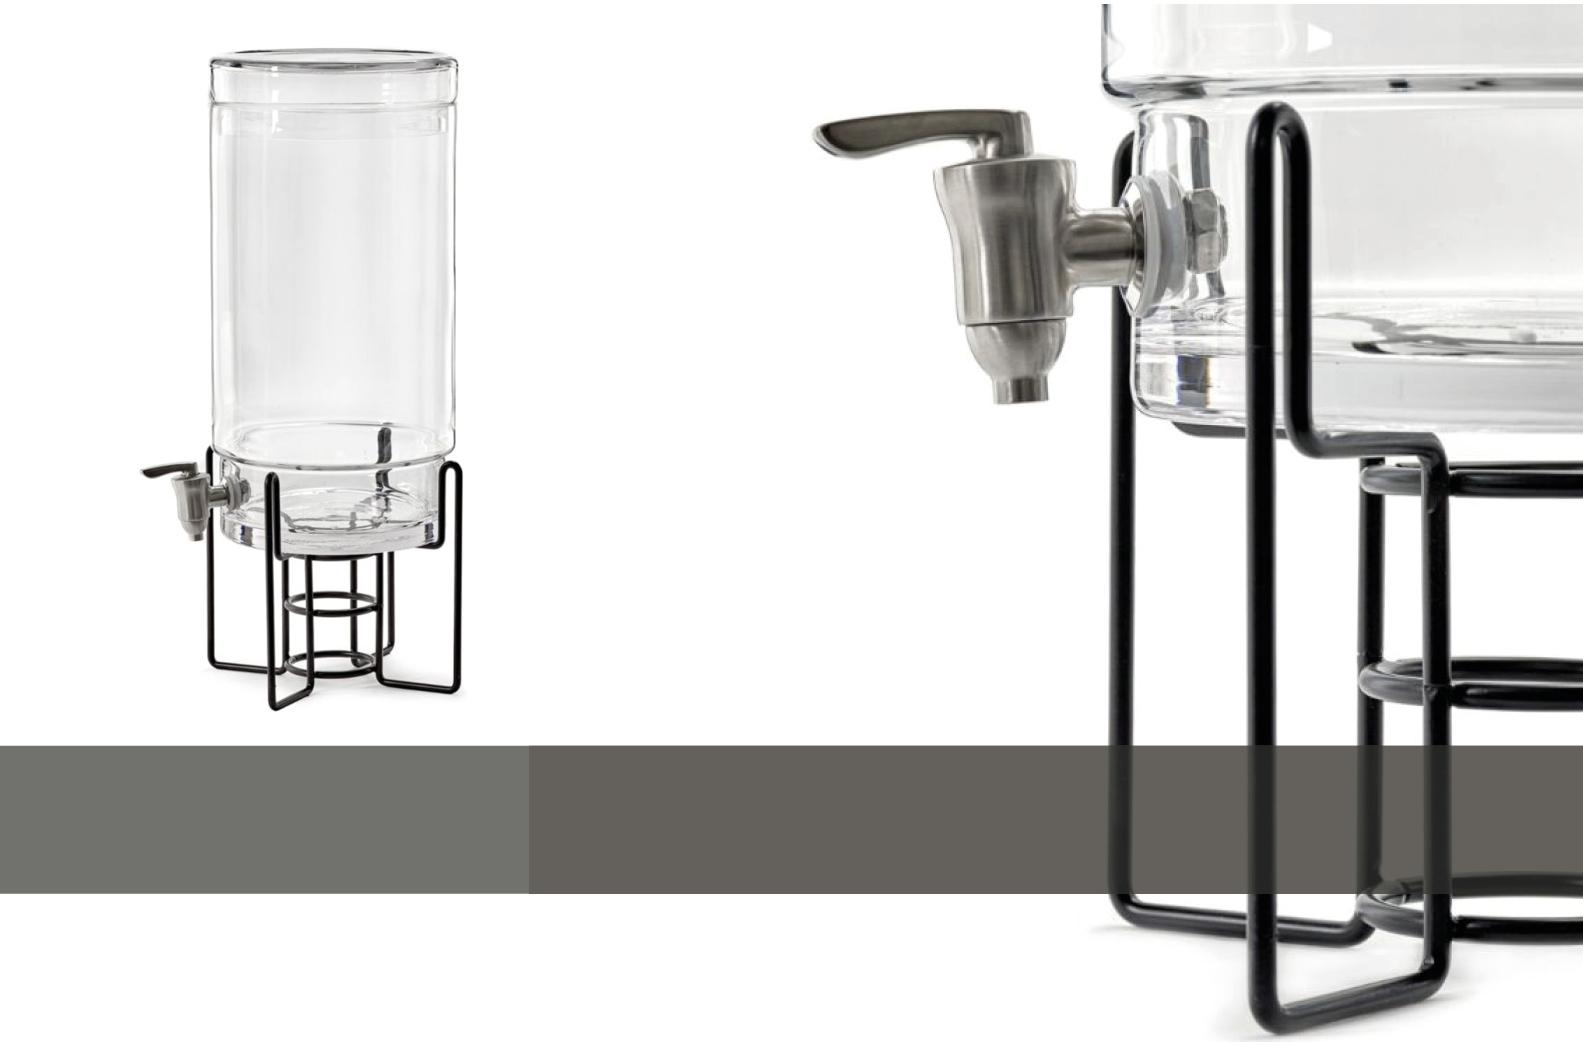 Nieuw van Serax: Fruit- en waterdispenser